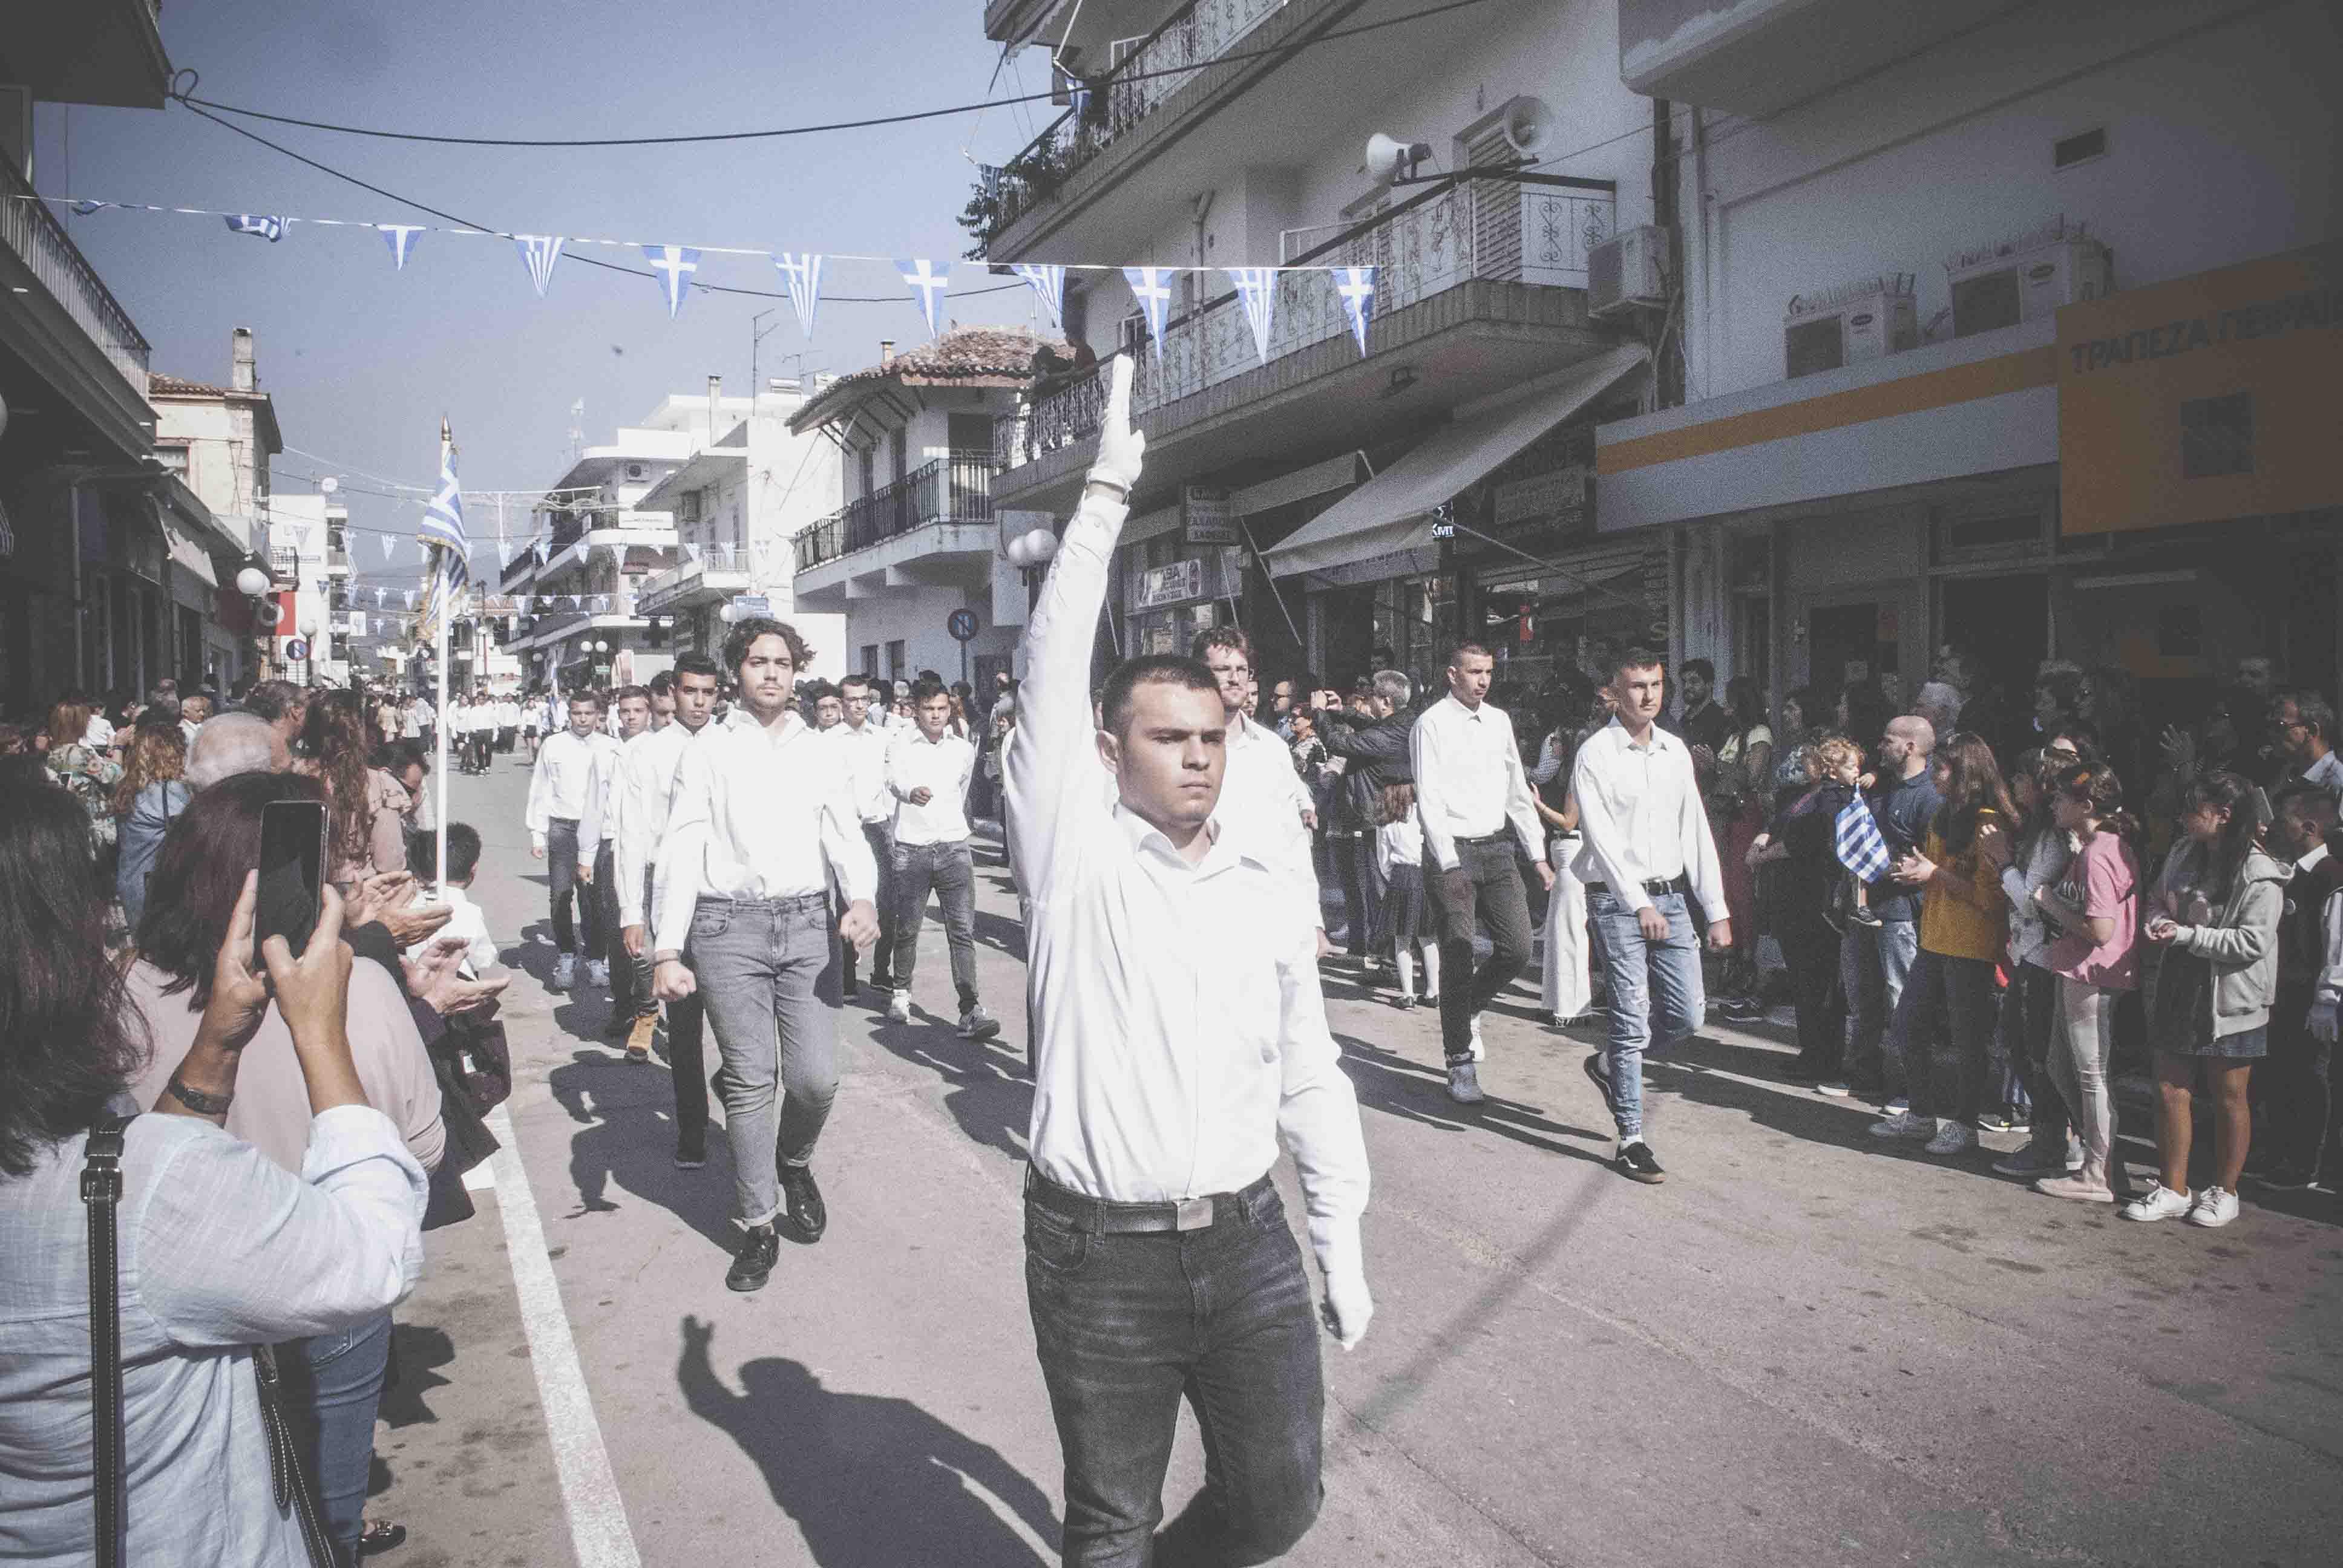 Φωτογραφικό υλικό από την παρέλαση στα Ψαχνά DSC 0434  Η παρέλαση της 28ης Οκτωβρίου σε Καστέλλα και Ψαχνά (φωτό) DSC 0434